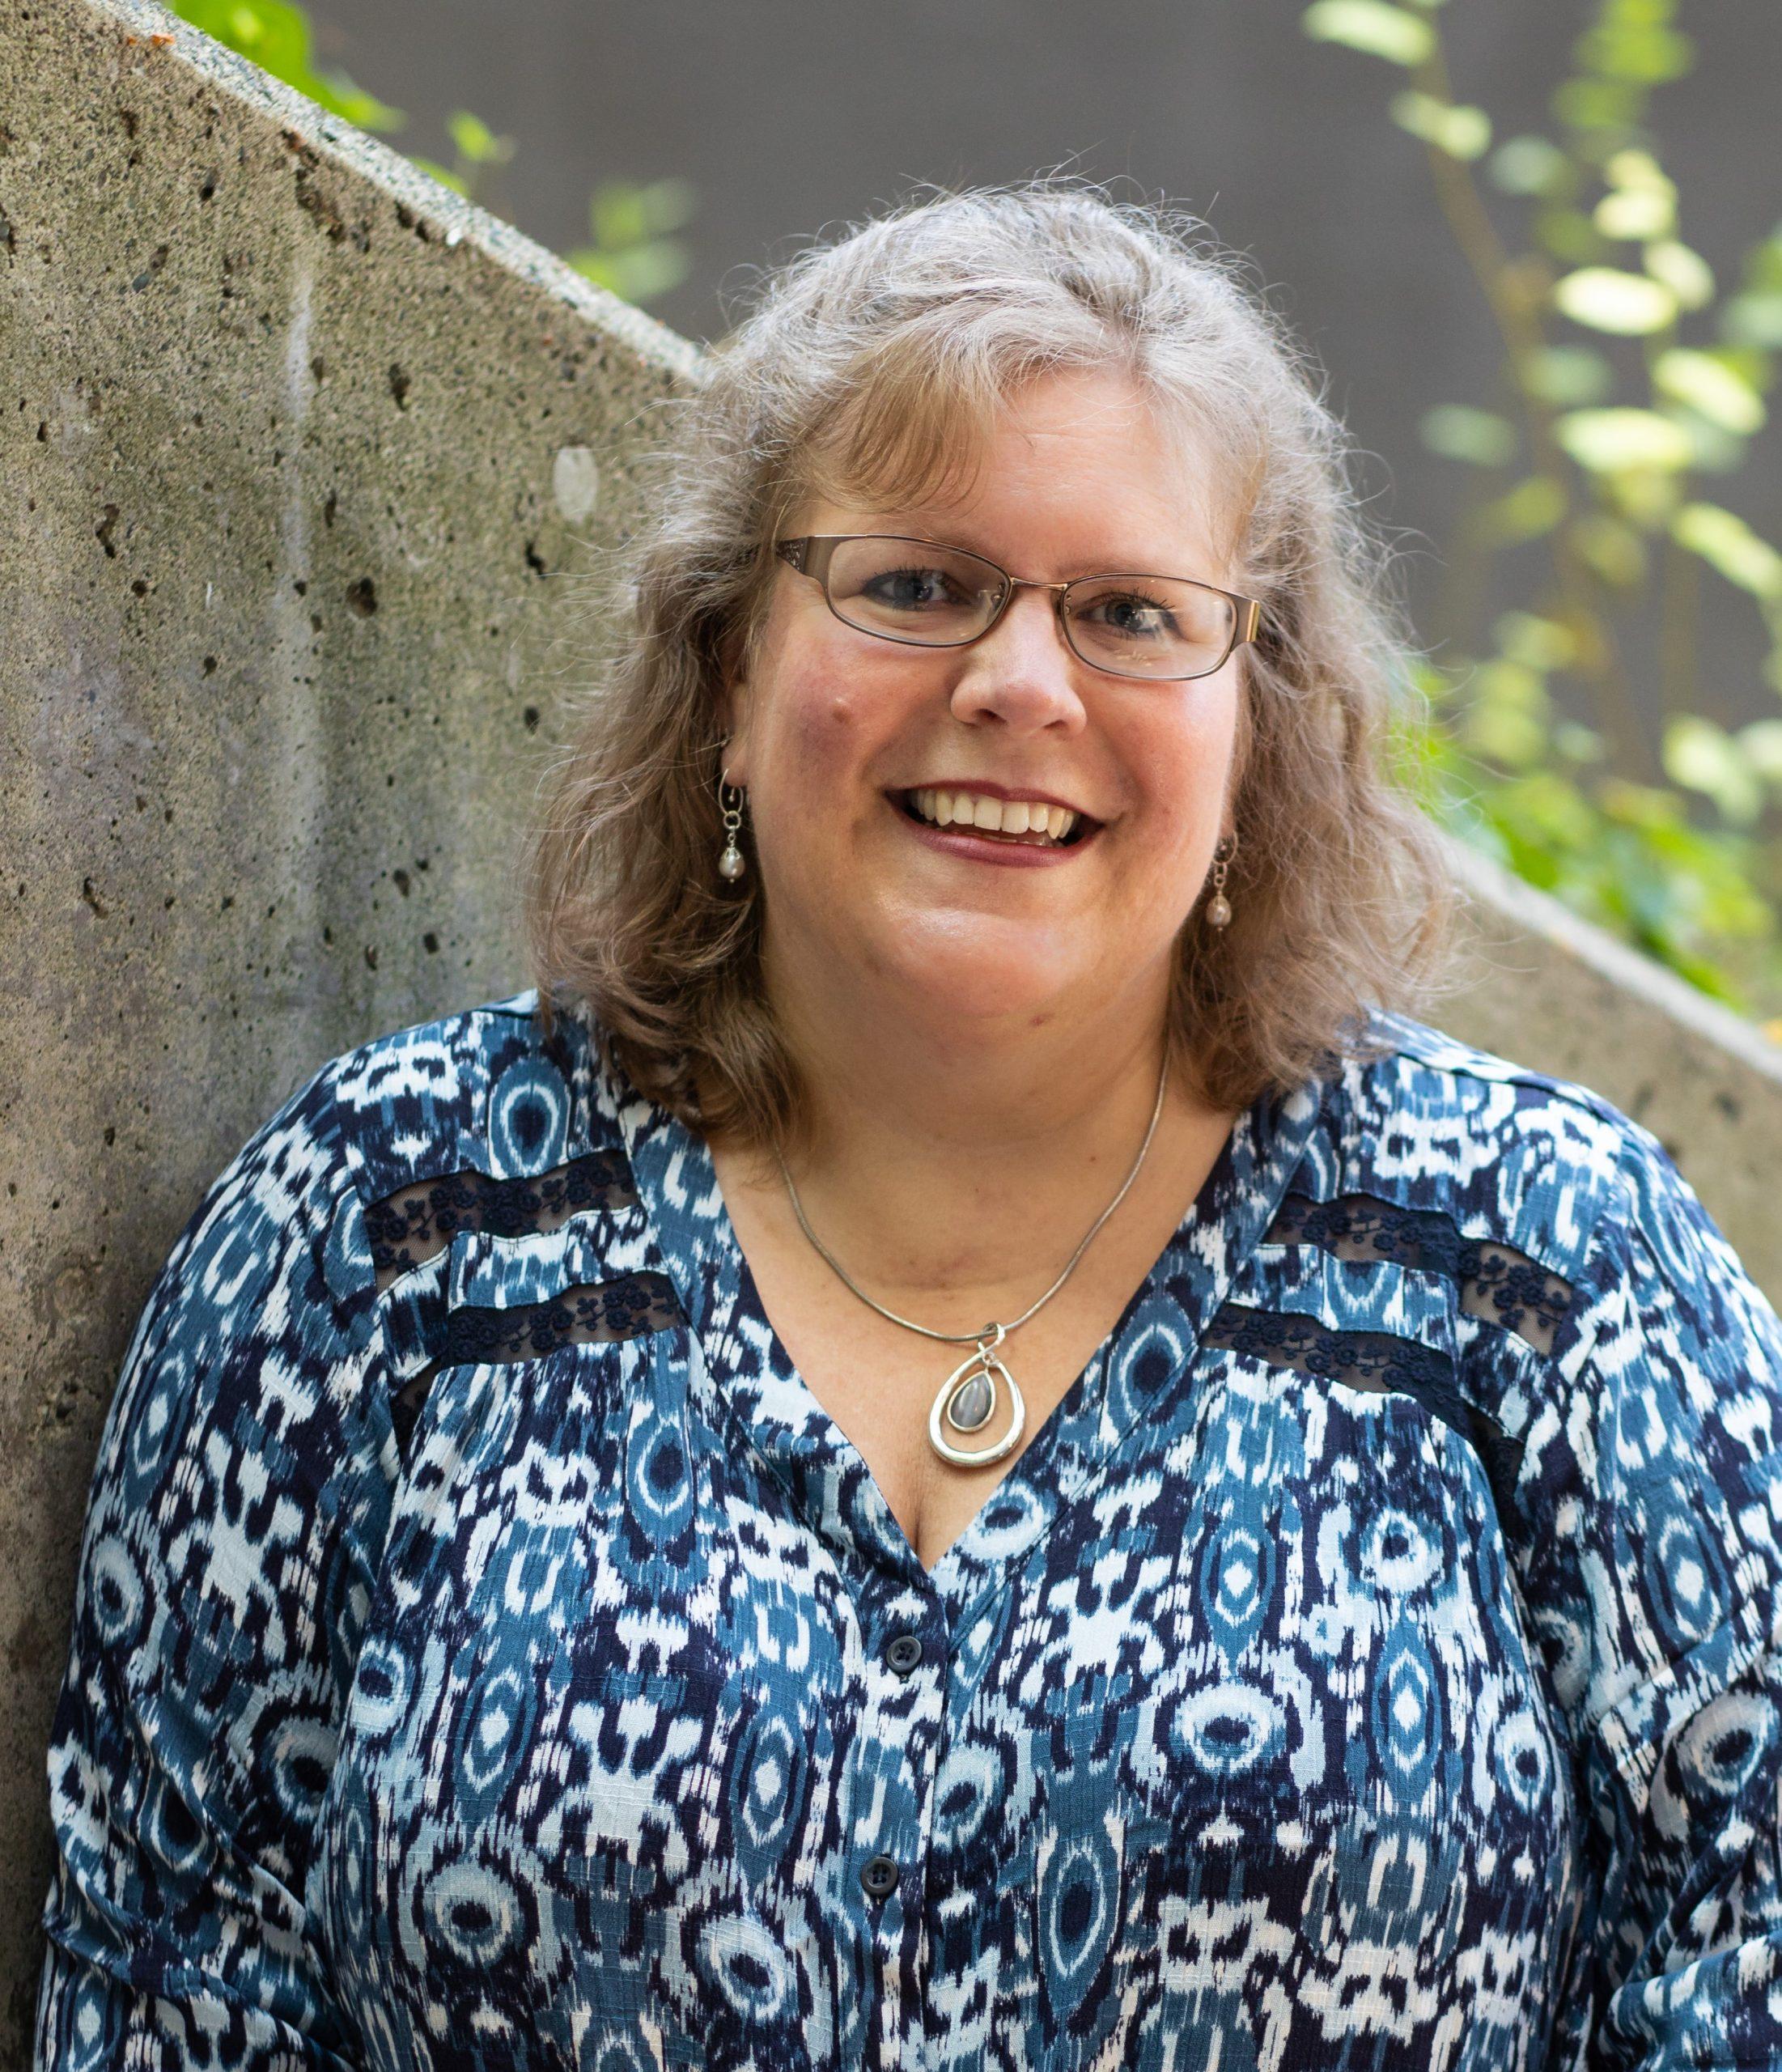 Jennifer Mullis